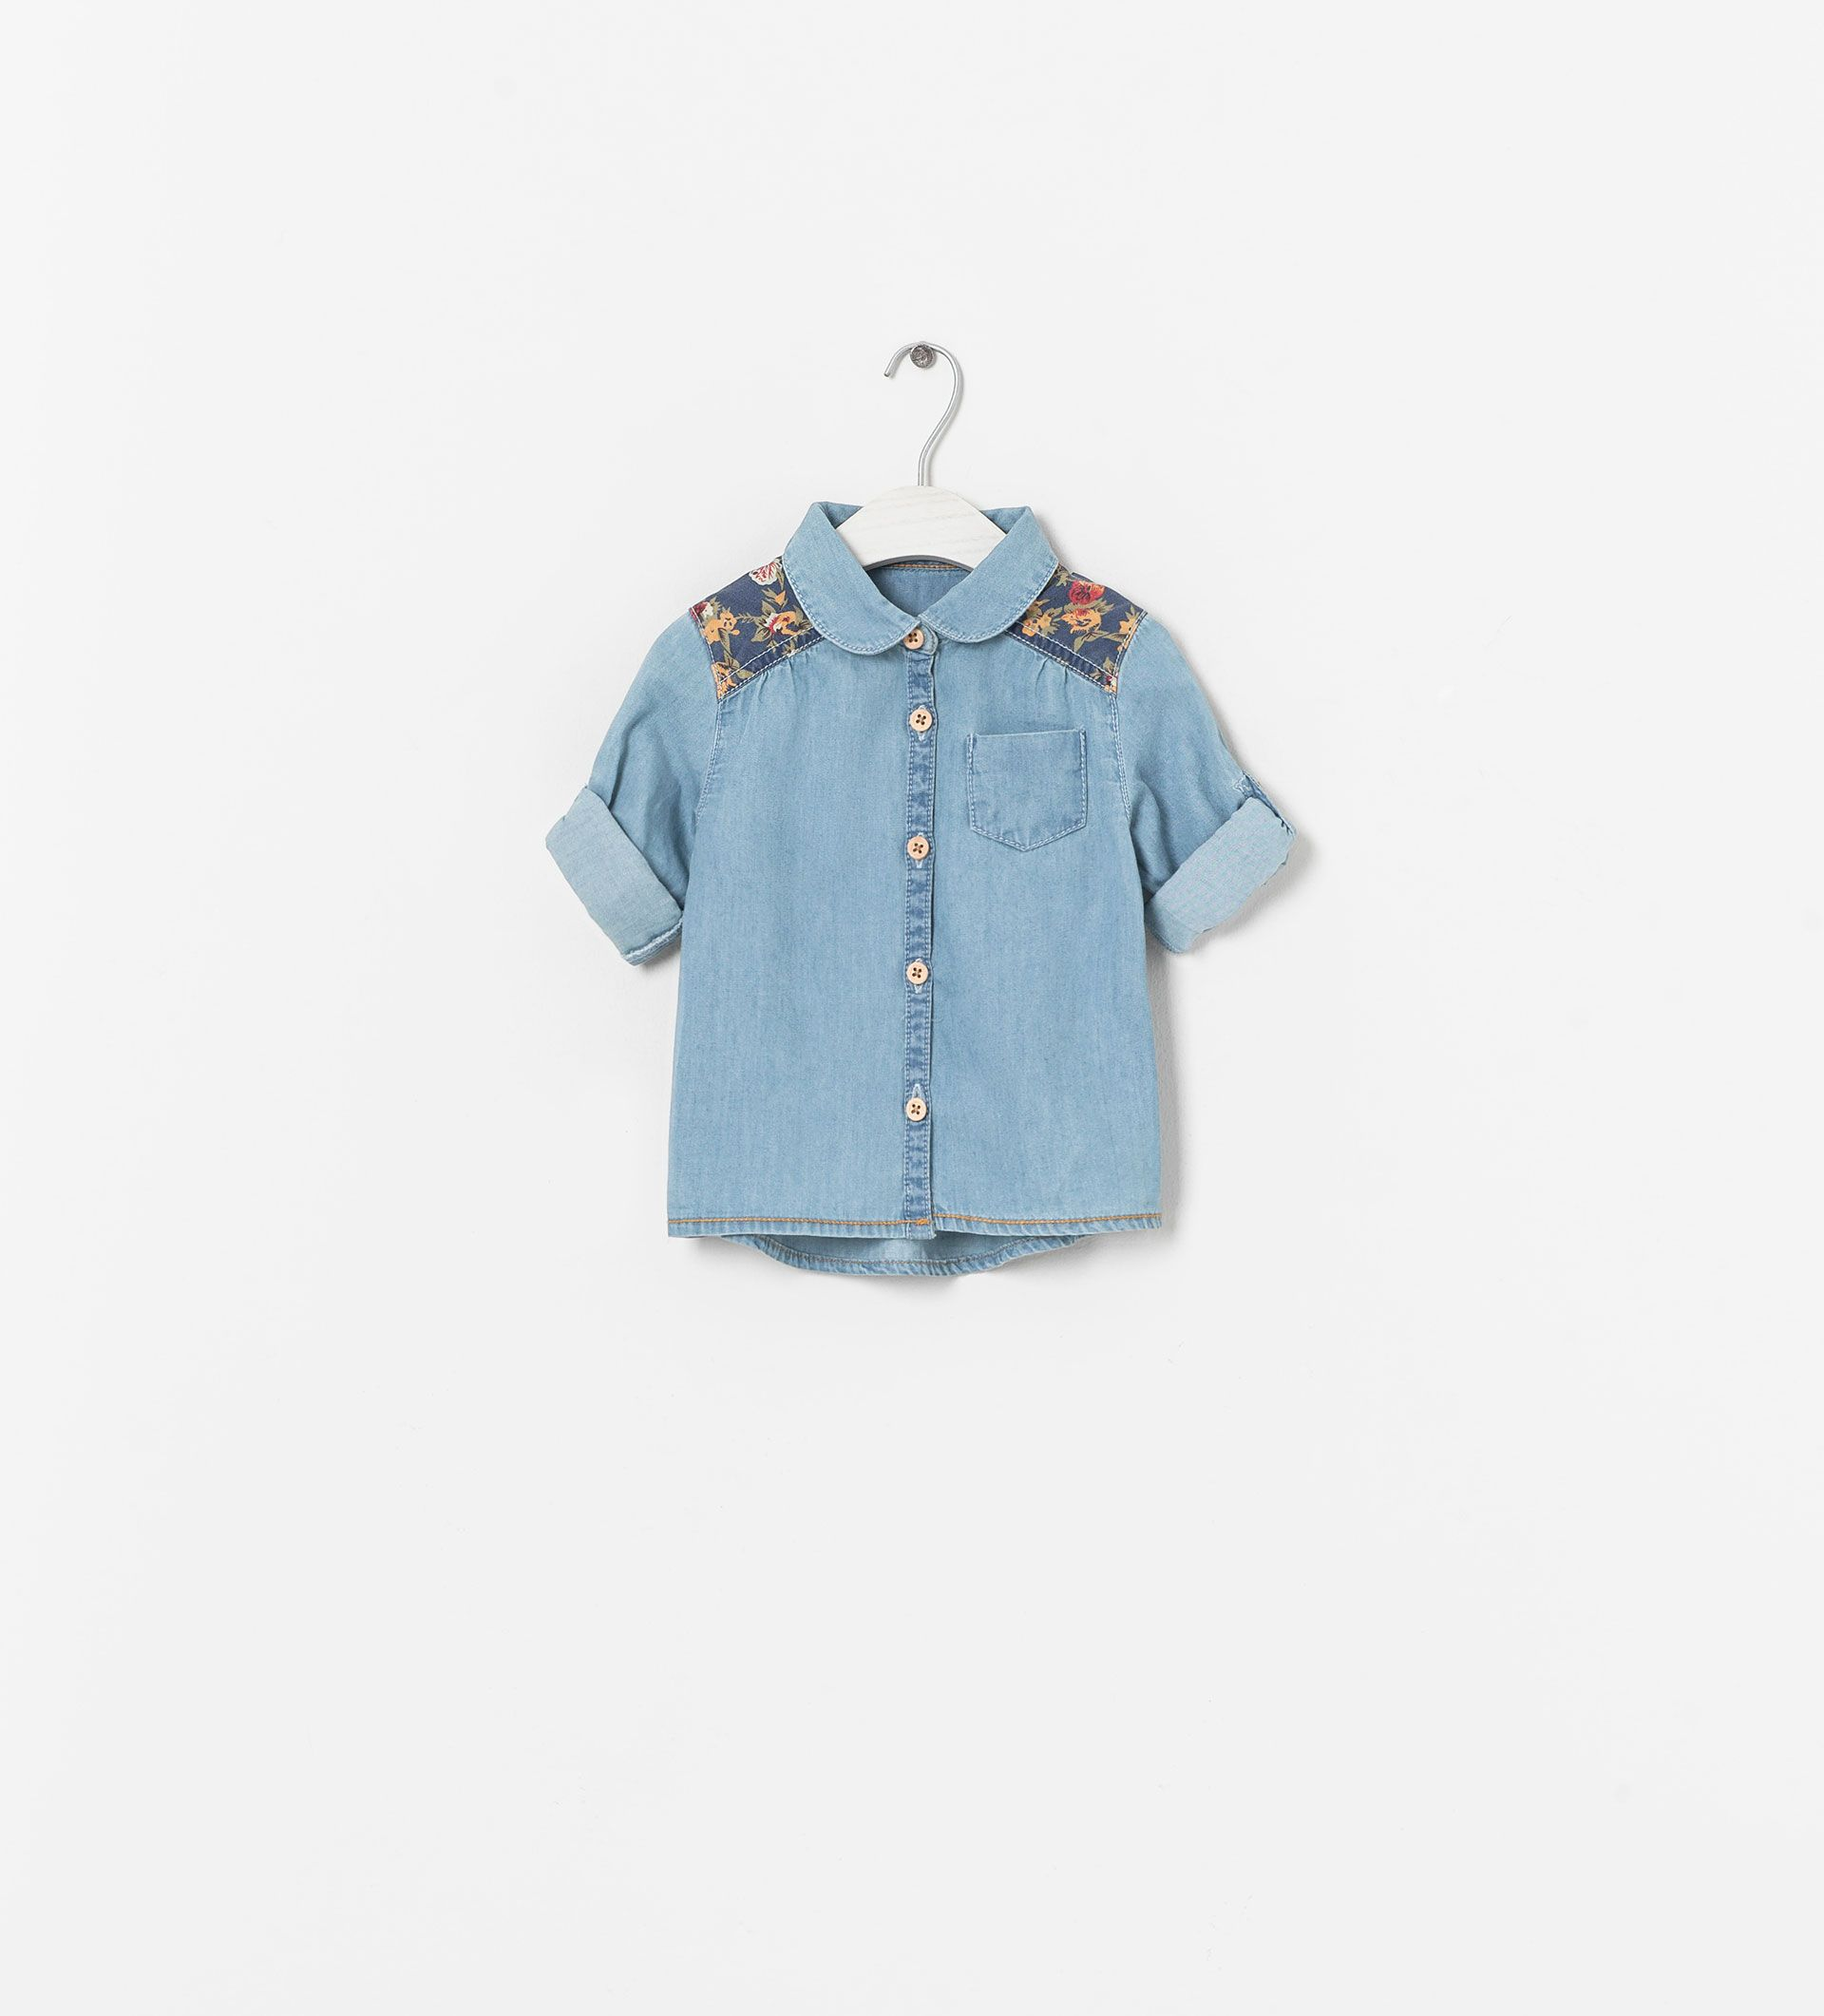 Image 1 Of Denim Shirt With Floral Shoulder Patch From Zara Kids Denim Shirt Girls Denim Shirt Kids Denim